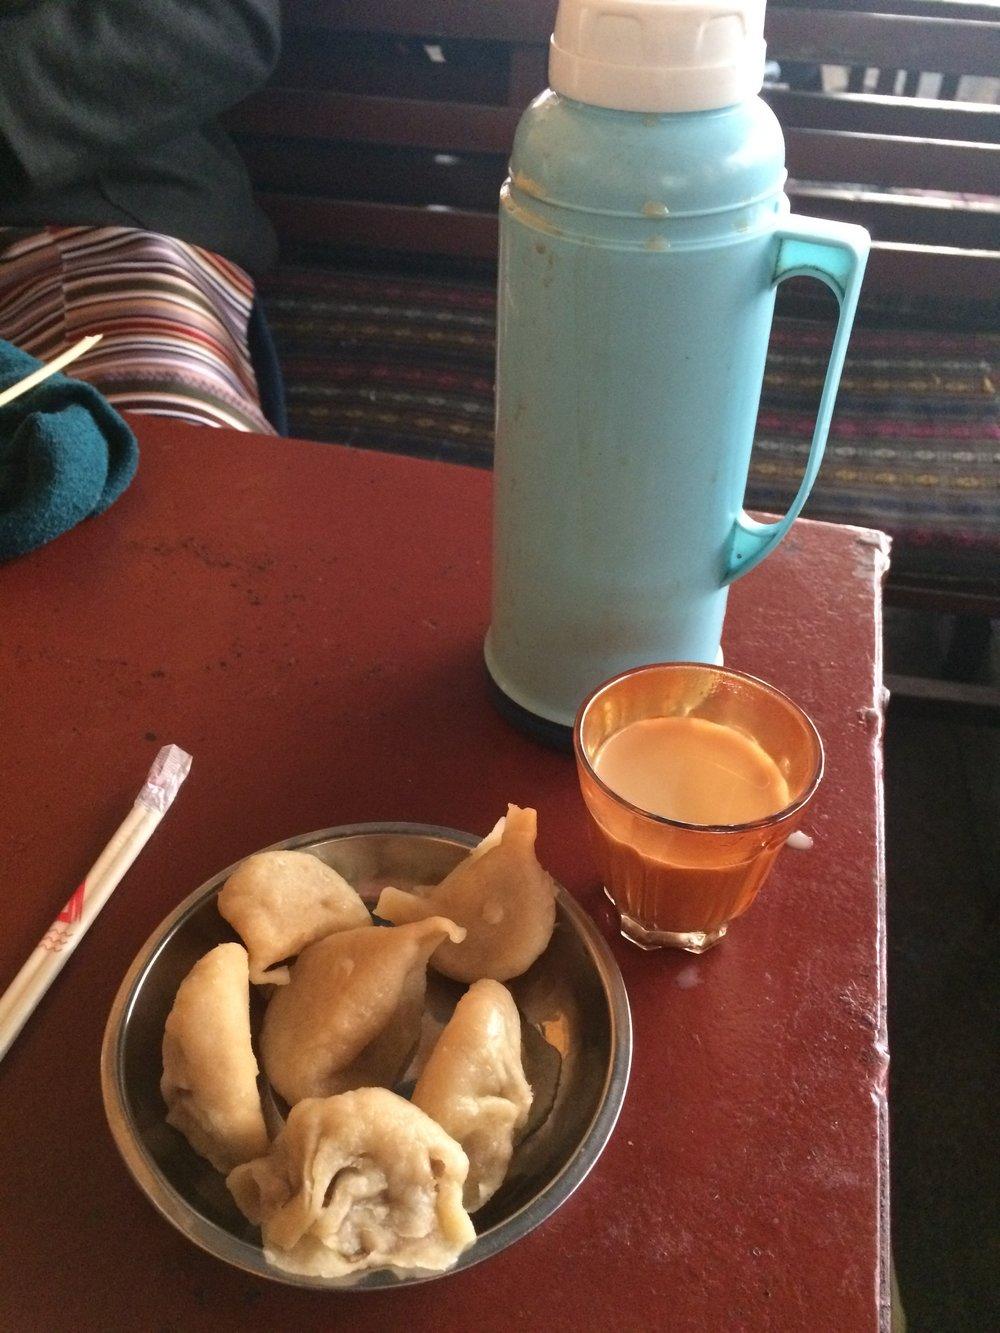 仓姑寺茶馆 I 饺子配个甜茶,藏人配个旅客,就是一个上午